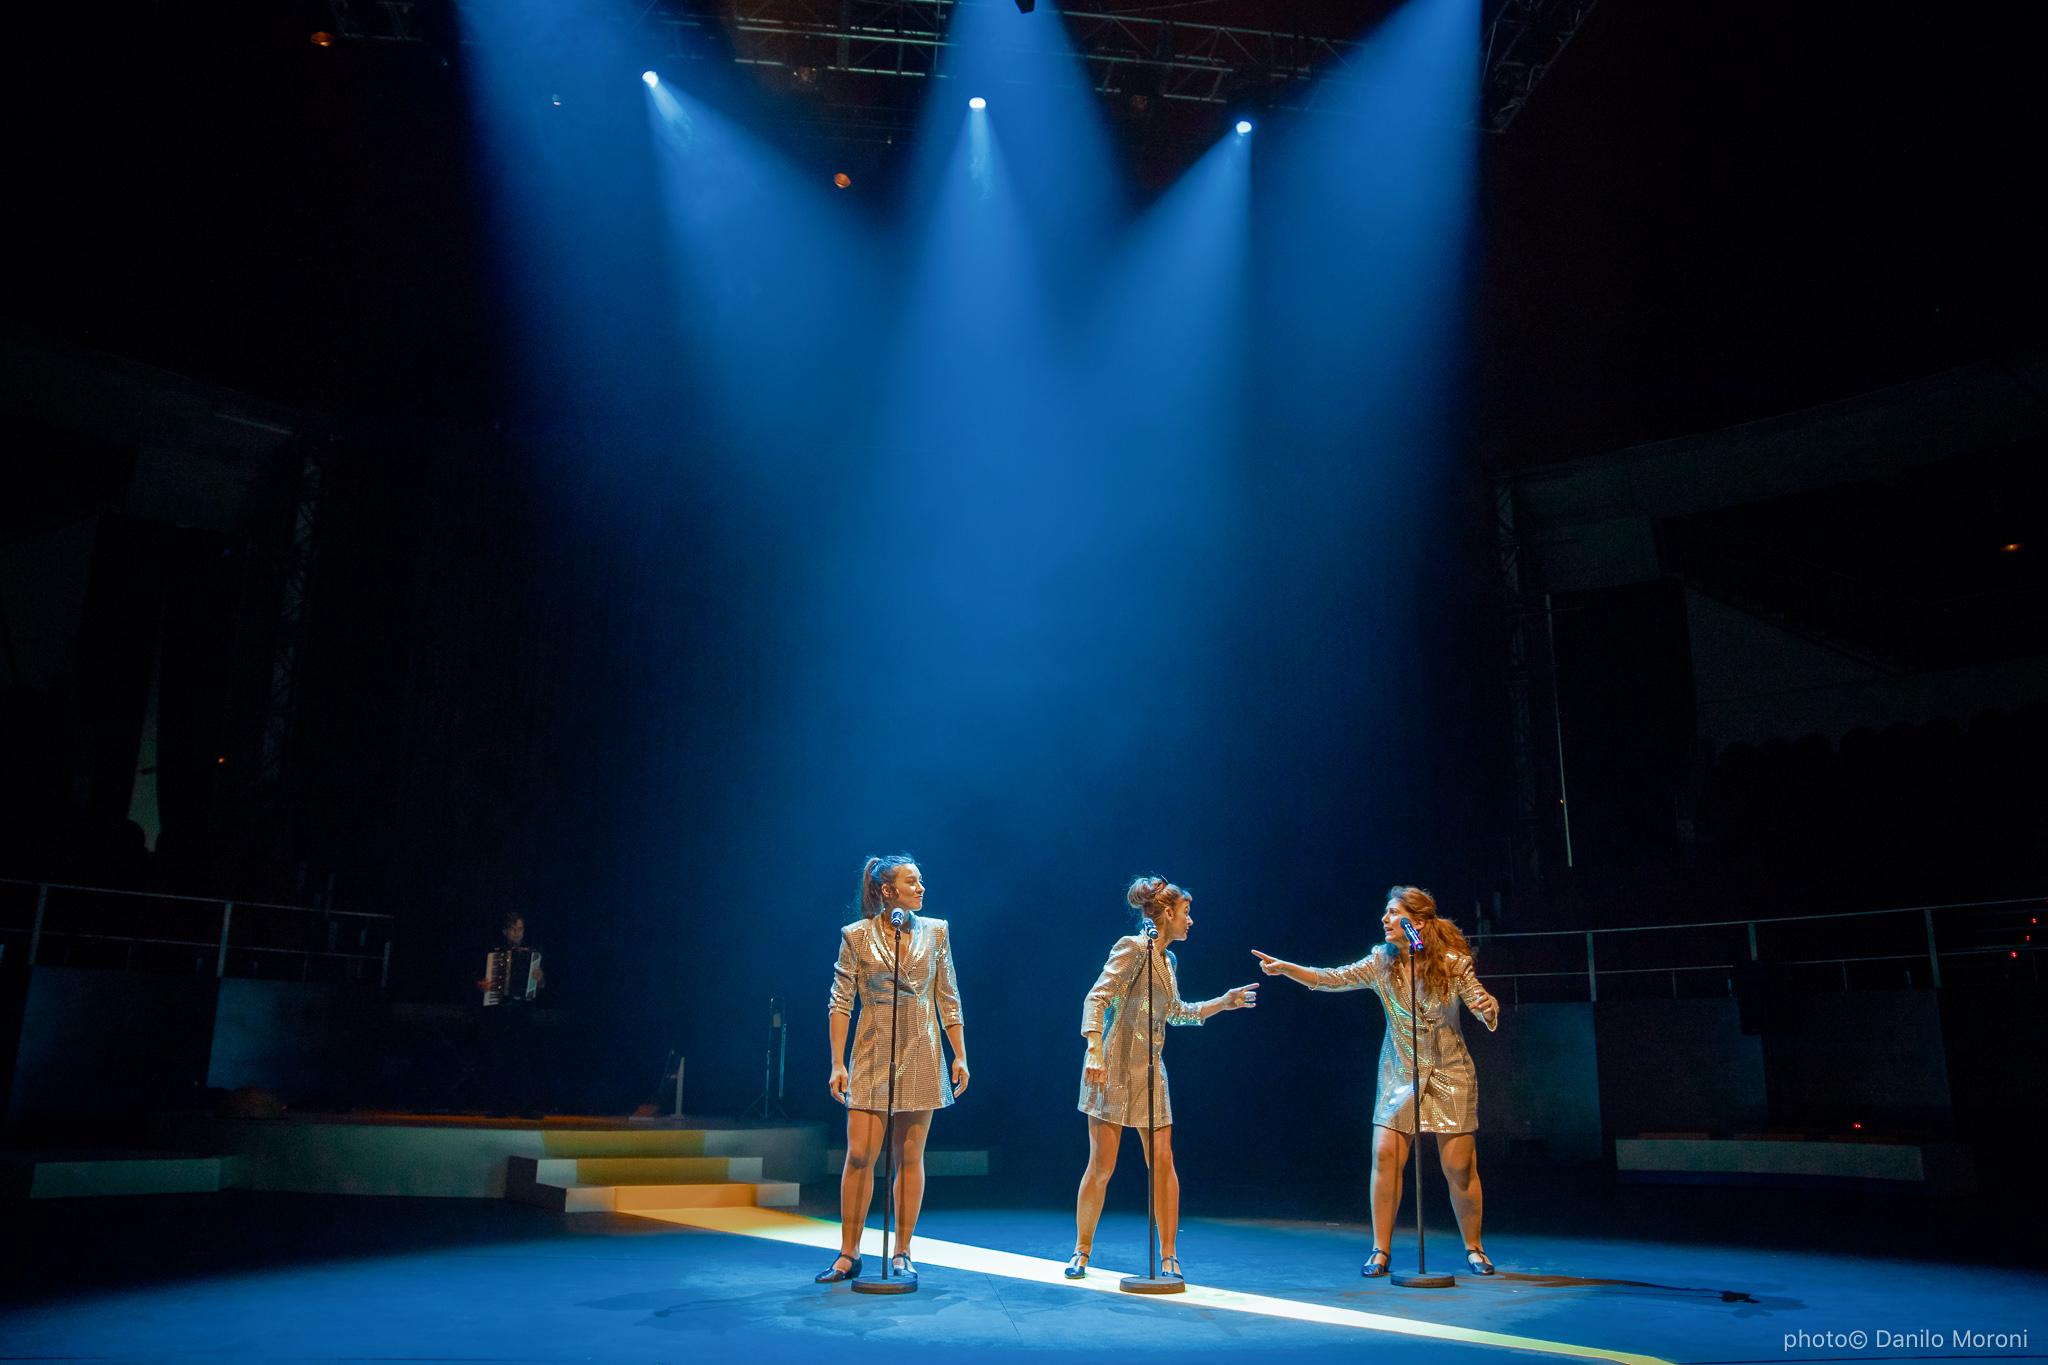 Teatro-en-vilo-Circo-Price-Miss-Mara-photo-Danilo-Moroni-528.jpg